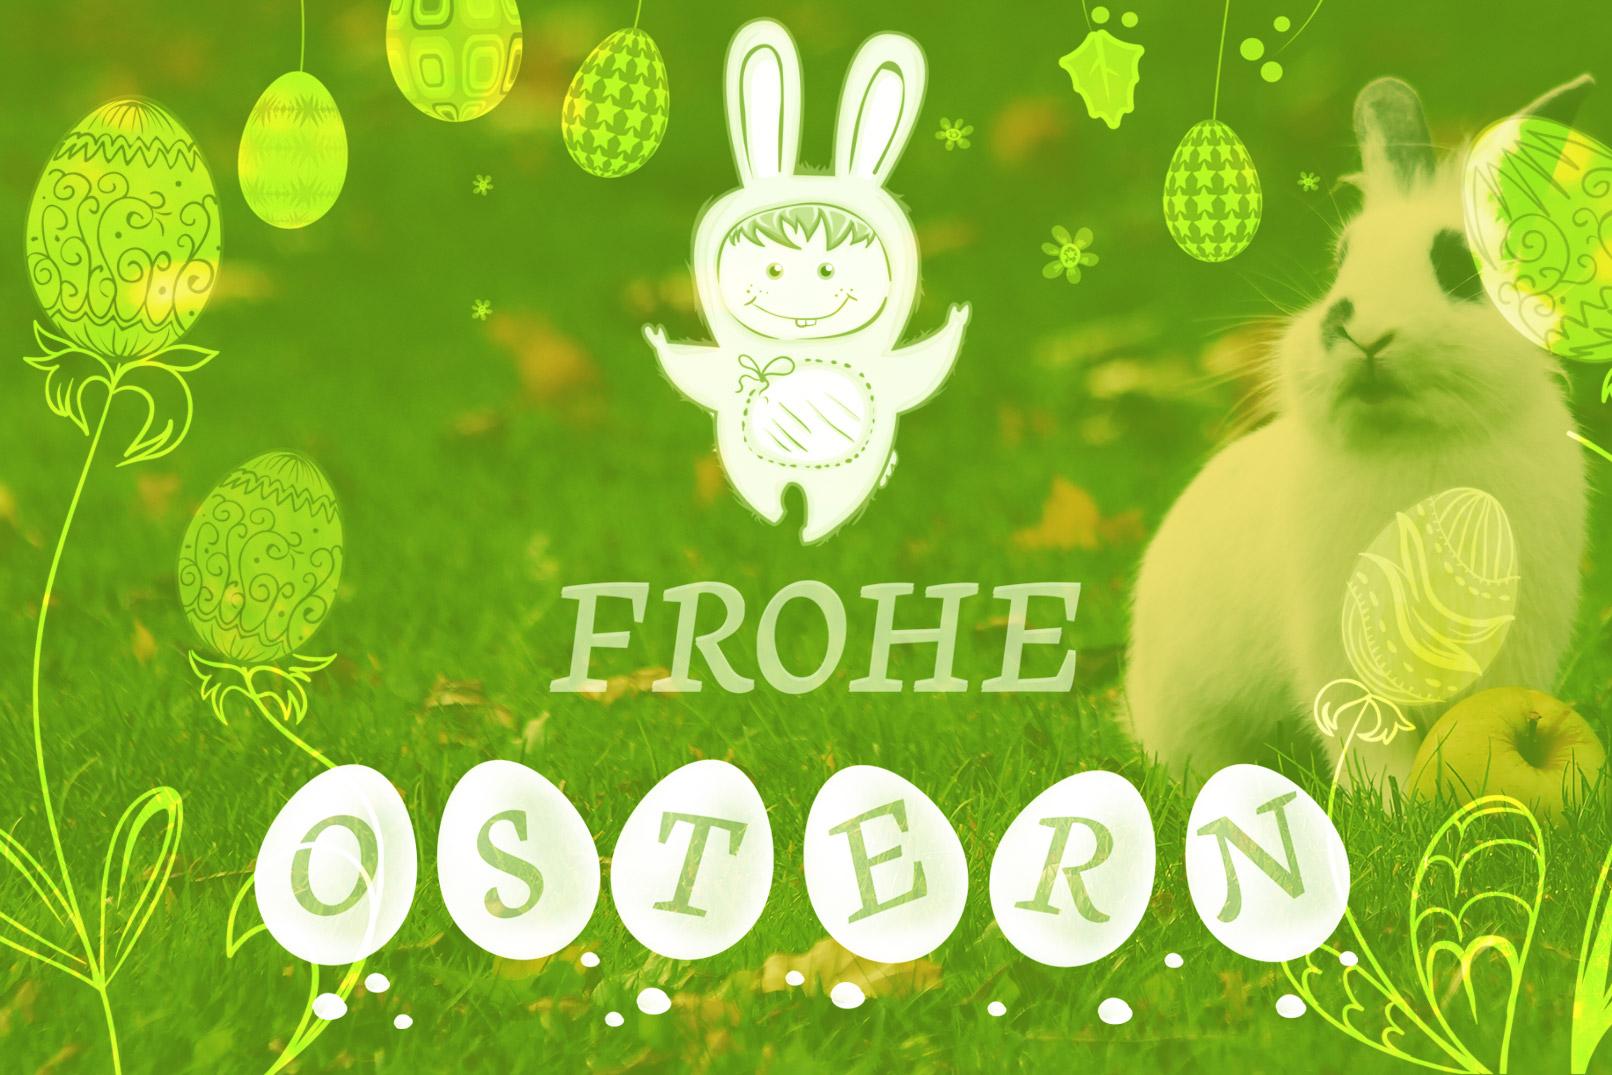 Beispiel für die Pinsel: Osterhase, Ostereier, Frühlingsmotive